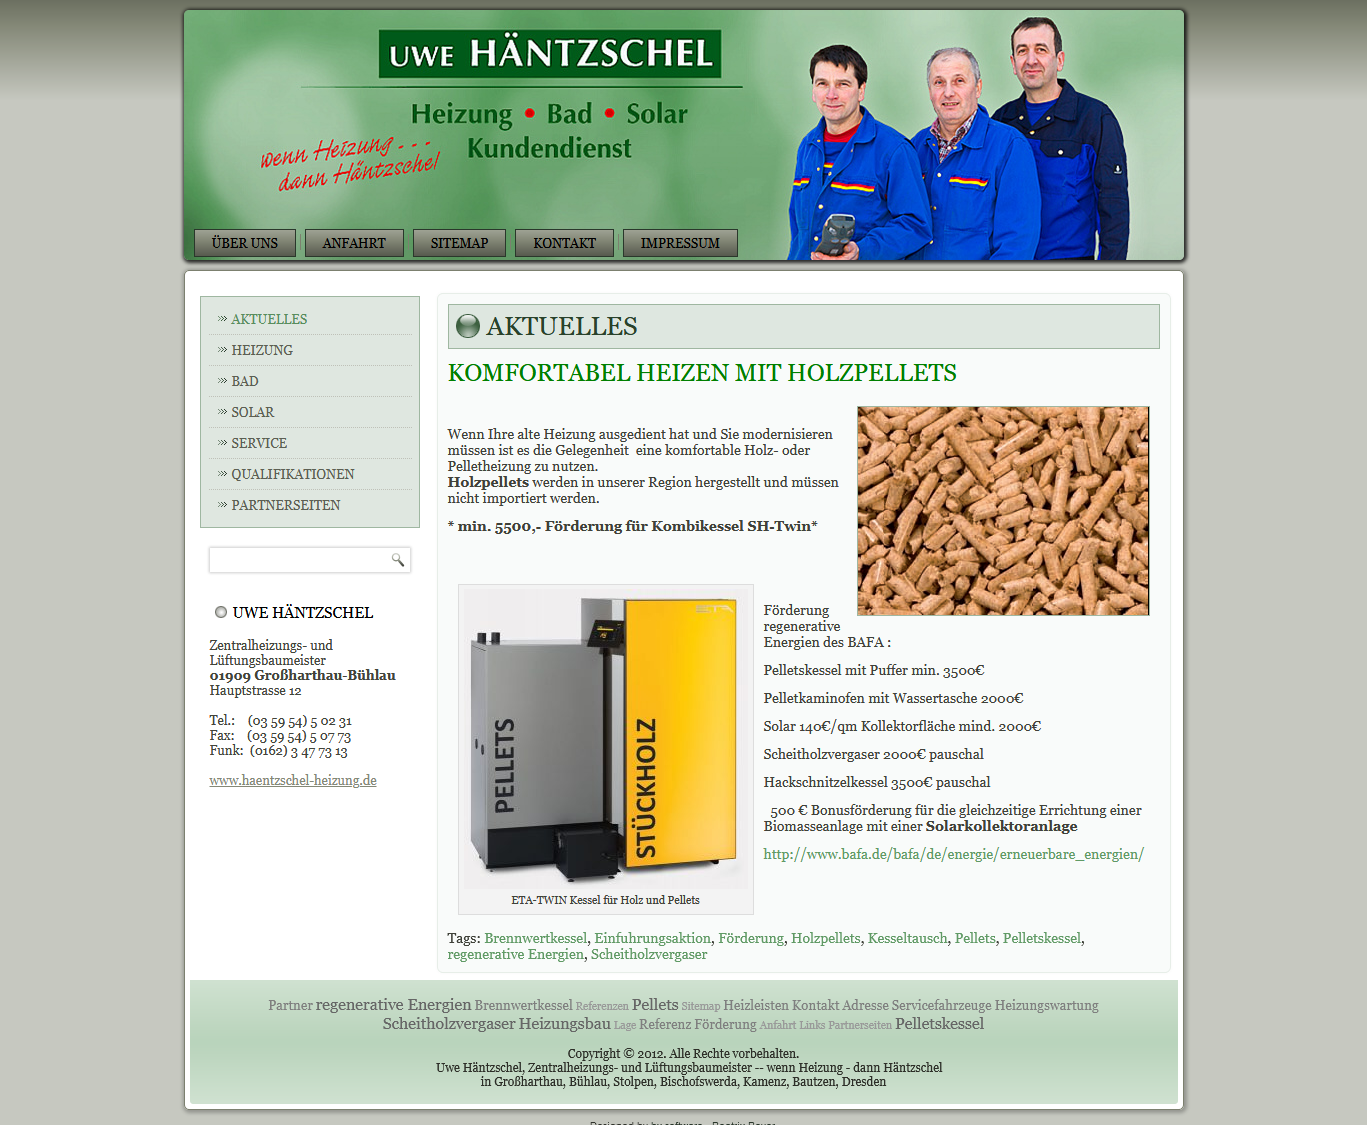 Uwe Häntzschel Zentralheizungs und Lüftungsbaumeister in 01909 Großharthau Bühlau Heizung Bad Solar Kundendienst